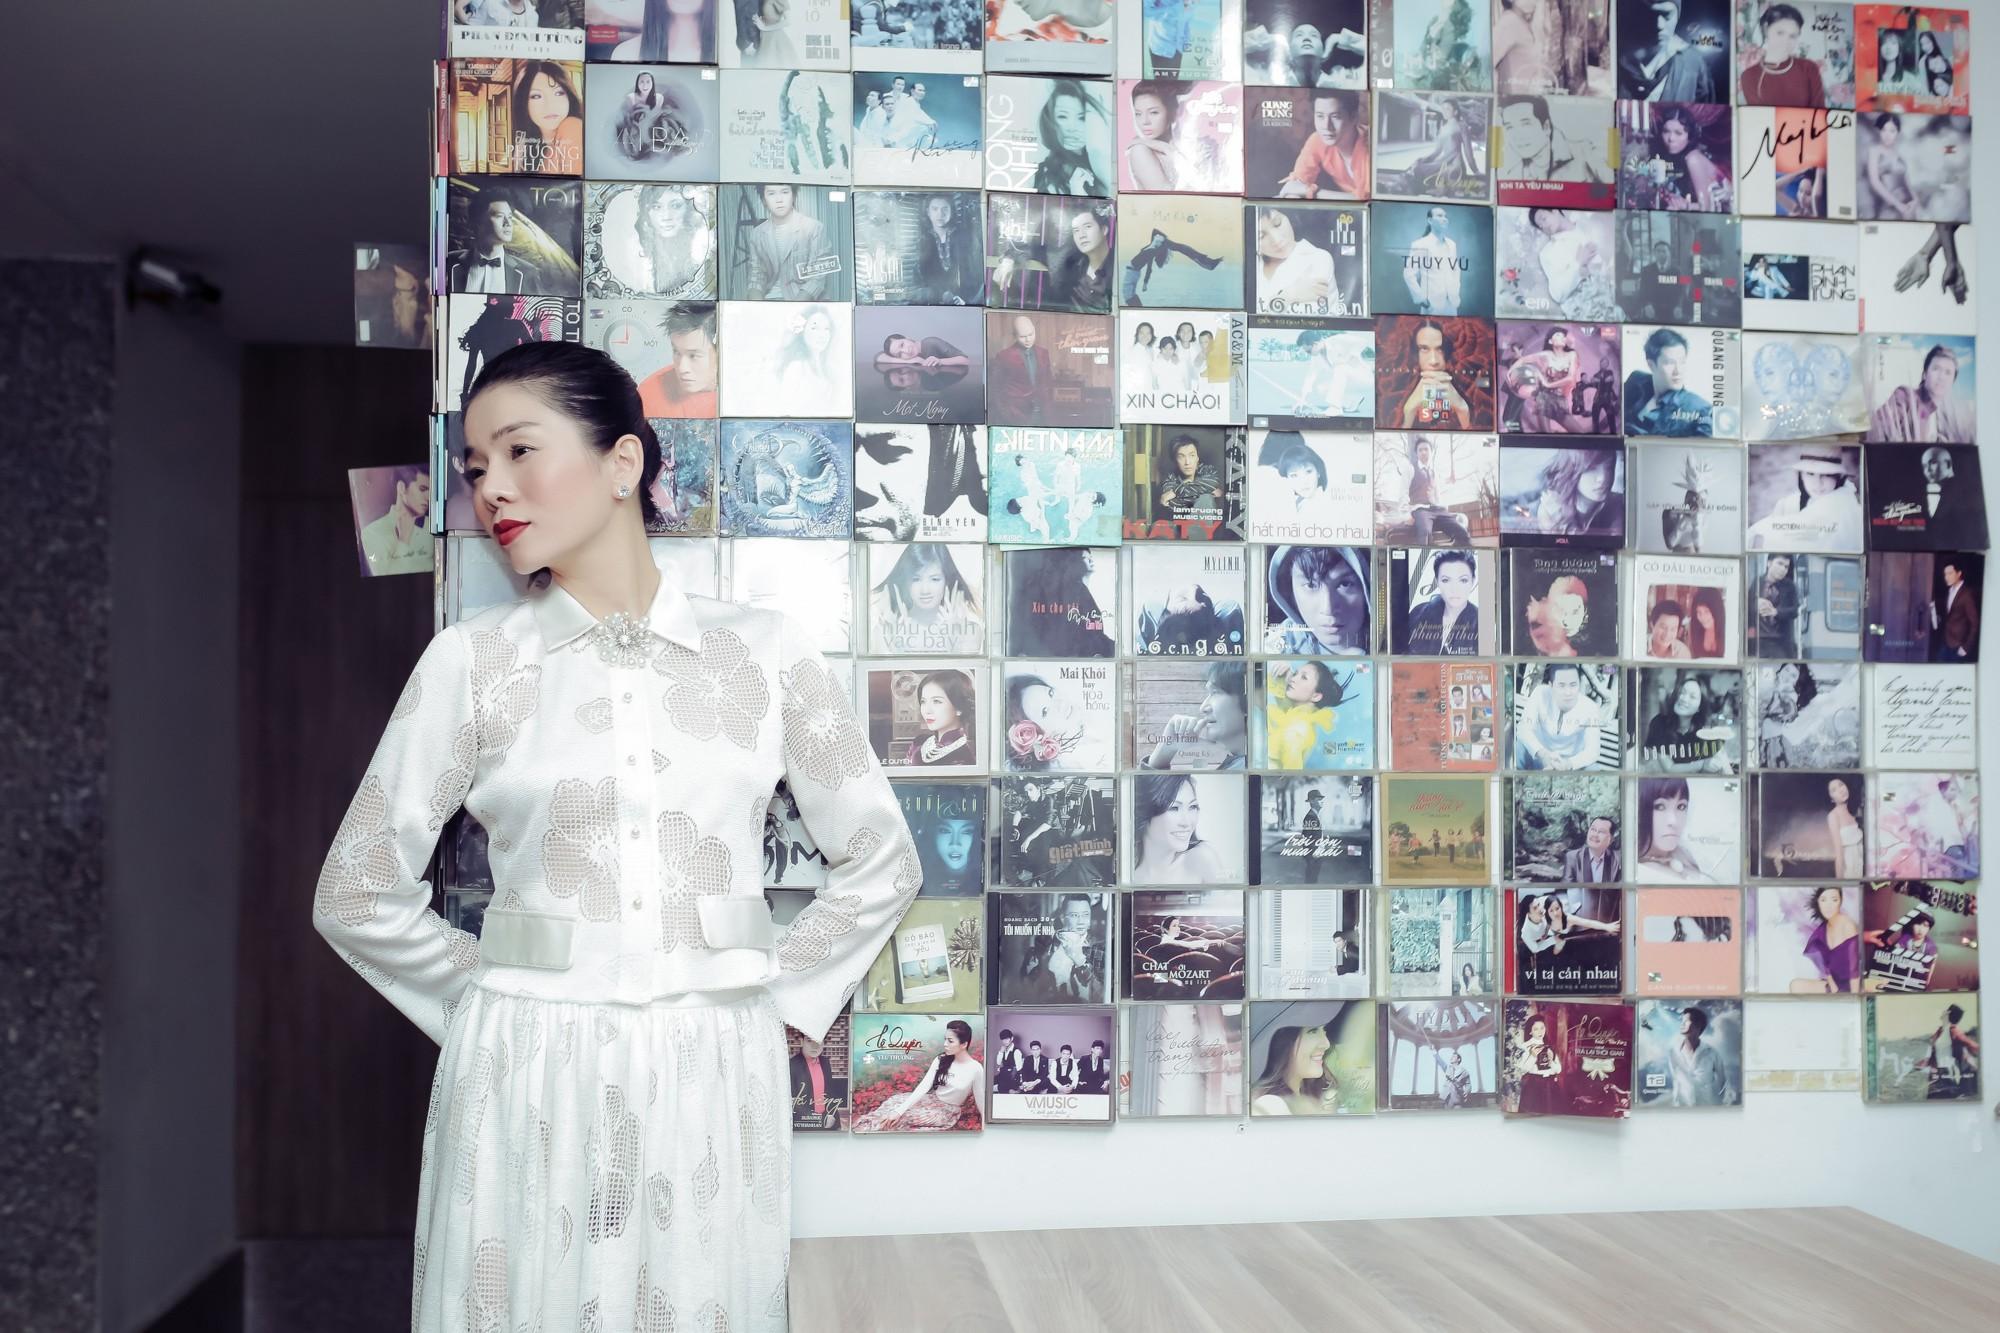 Chiều fan hết cỡ, Lệ Quyên ra mắt một lúc 2 album lớn với 2 dòng nhạc khác nhau - Ảnh 2.